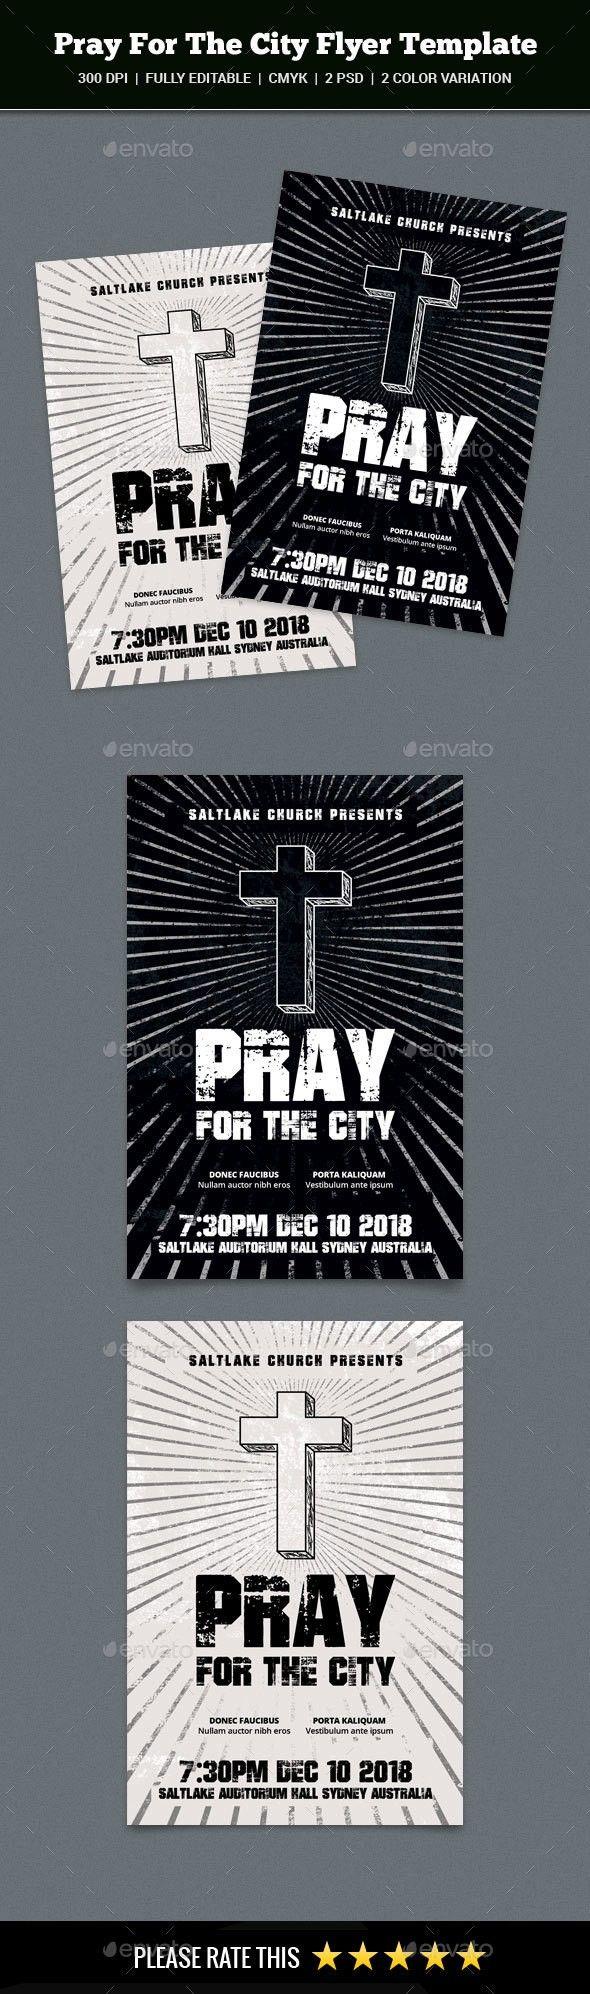 benefit concert bible study christian church city cross deliverance design evangelism flyer god gospel grunge hands holy jesus poster pray